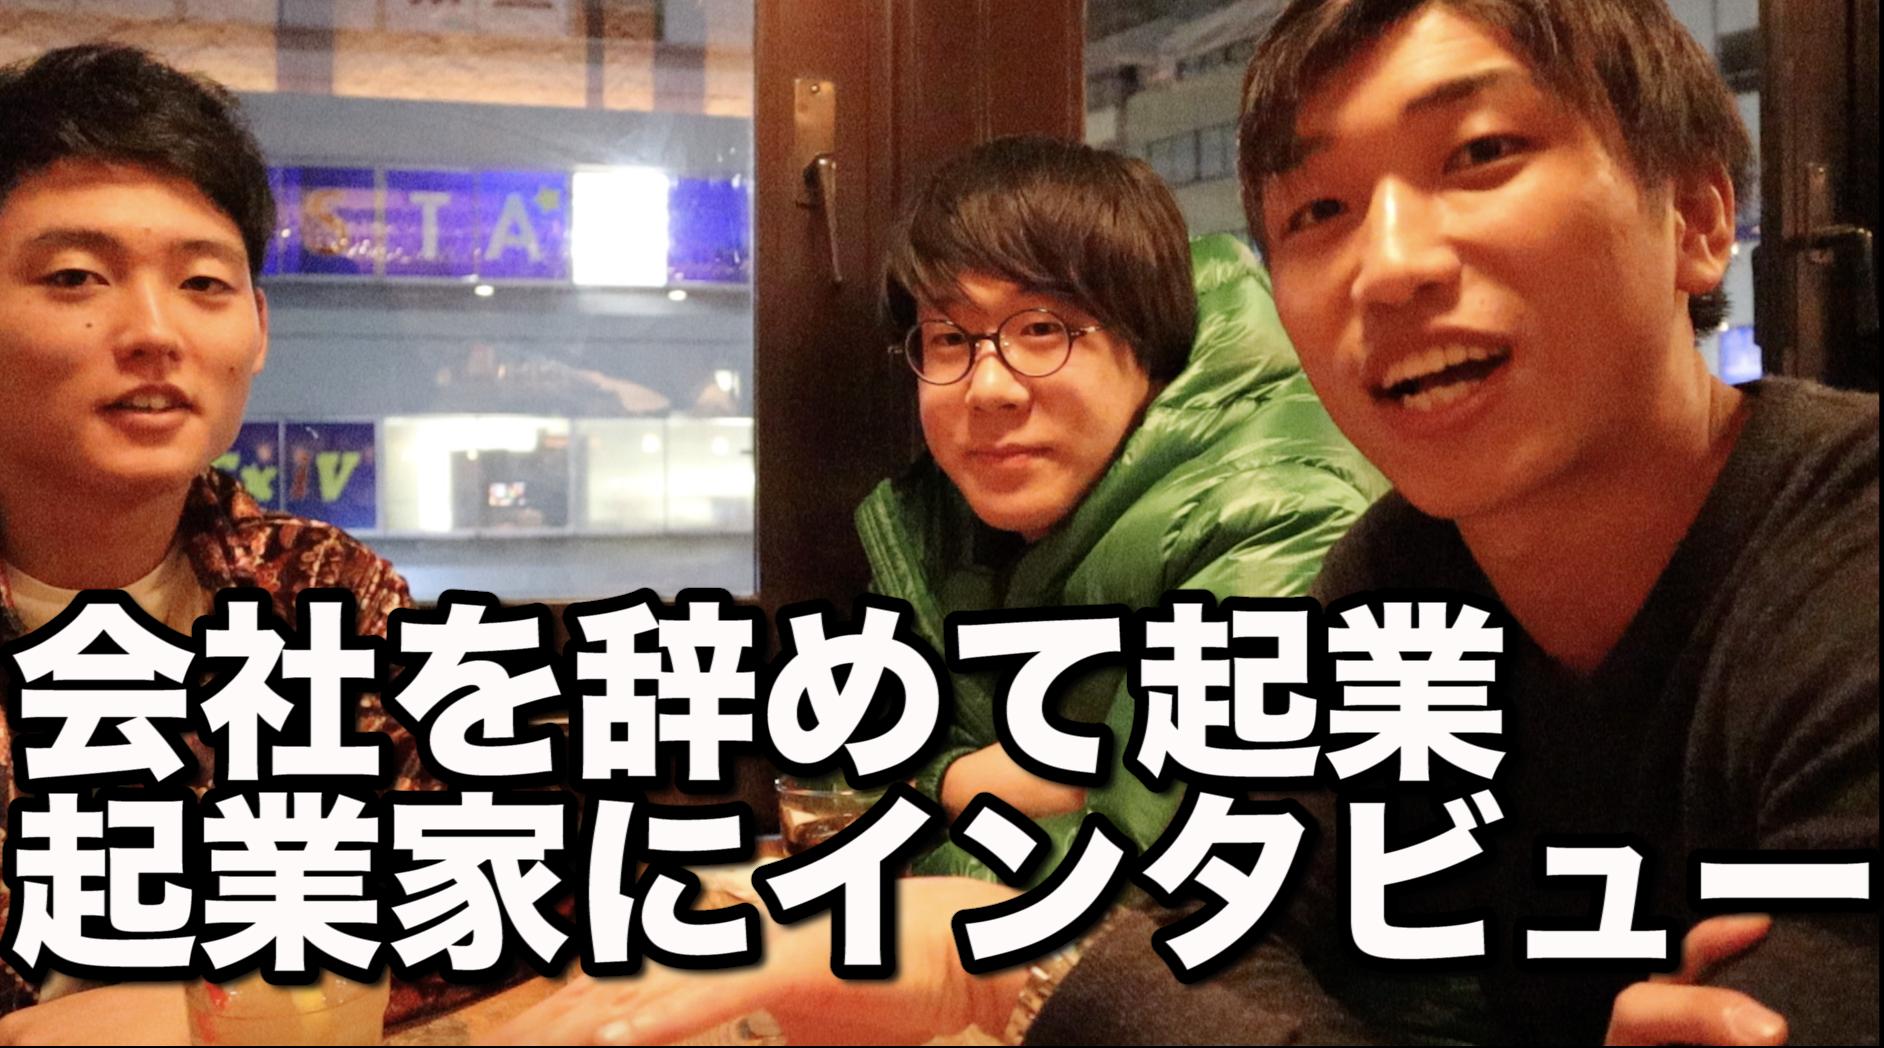 筋トレが生んだ、東京での3人の起業家との出会い